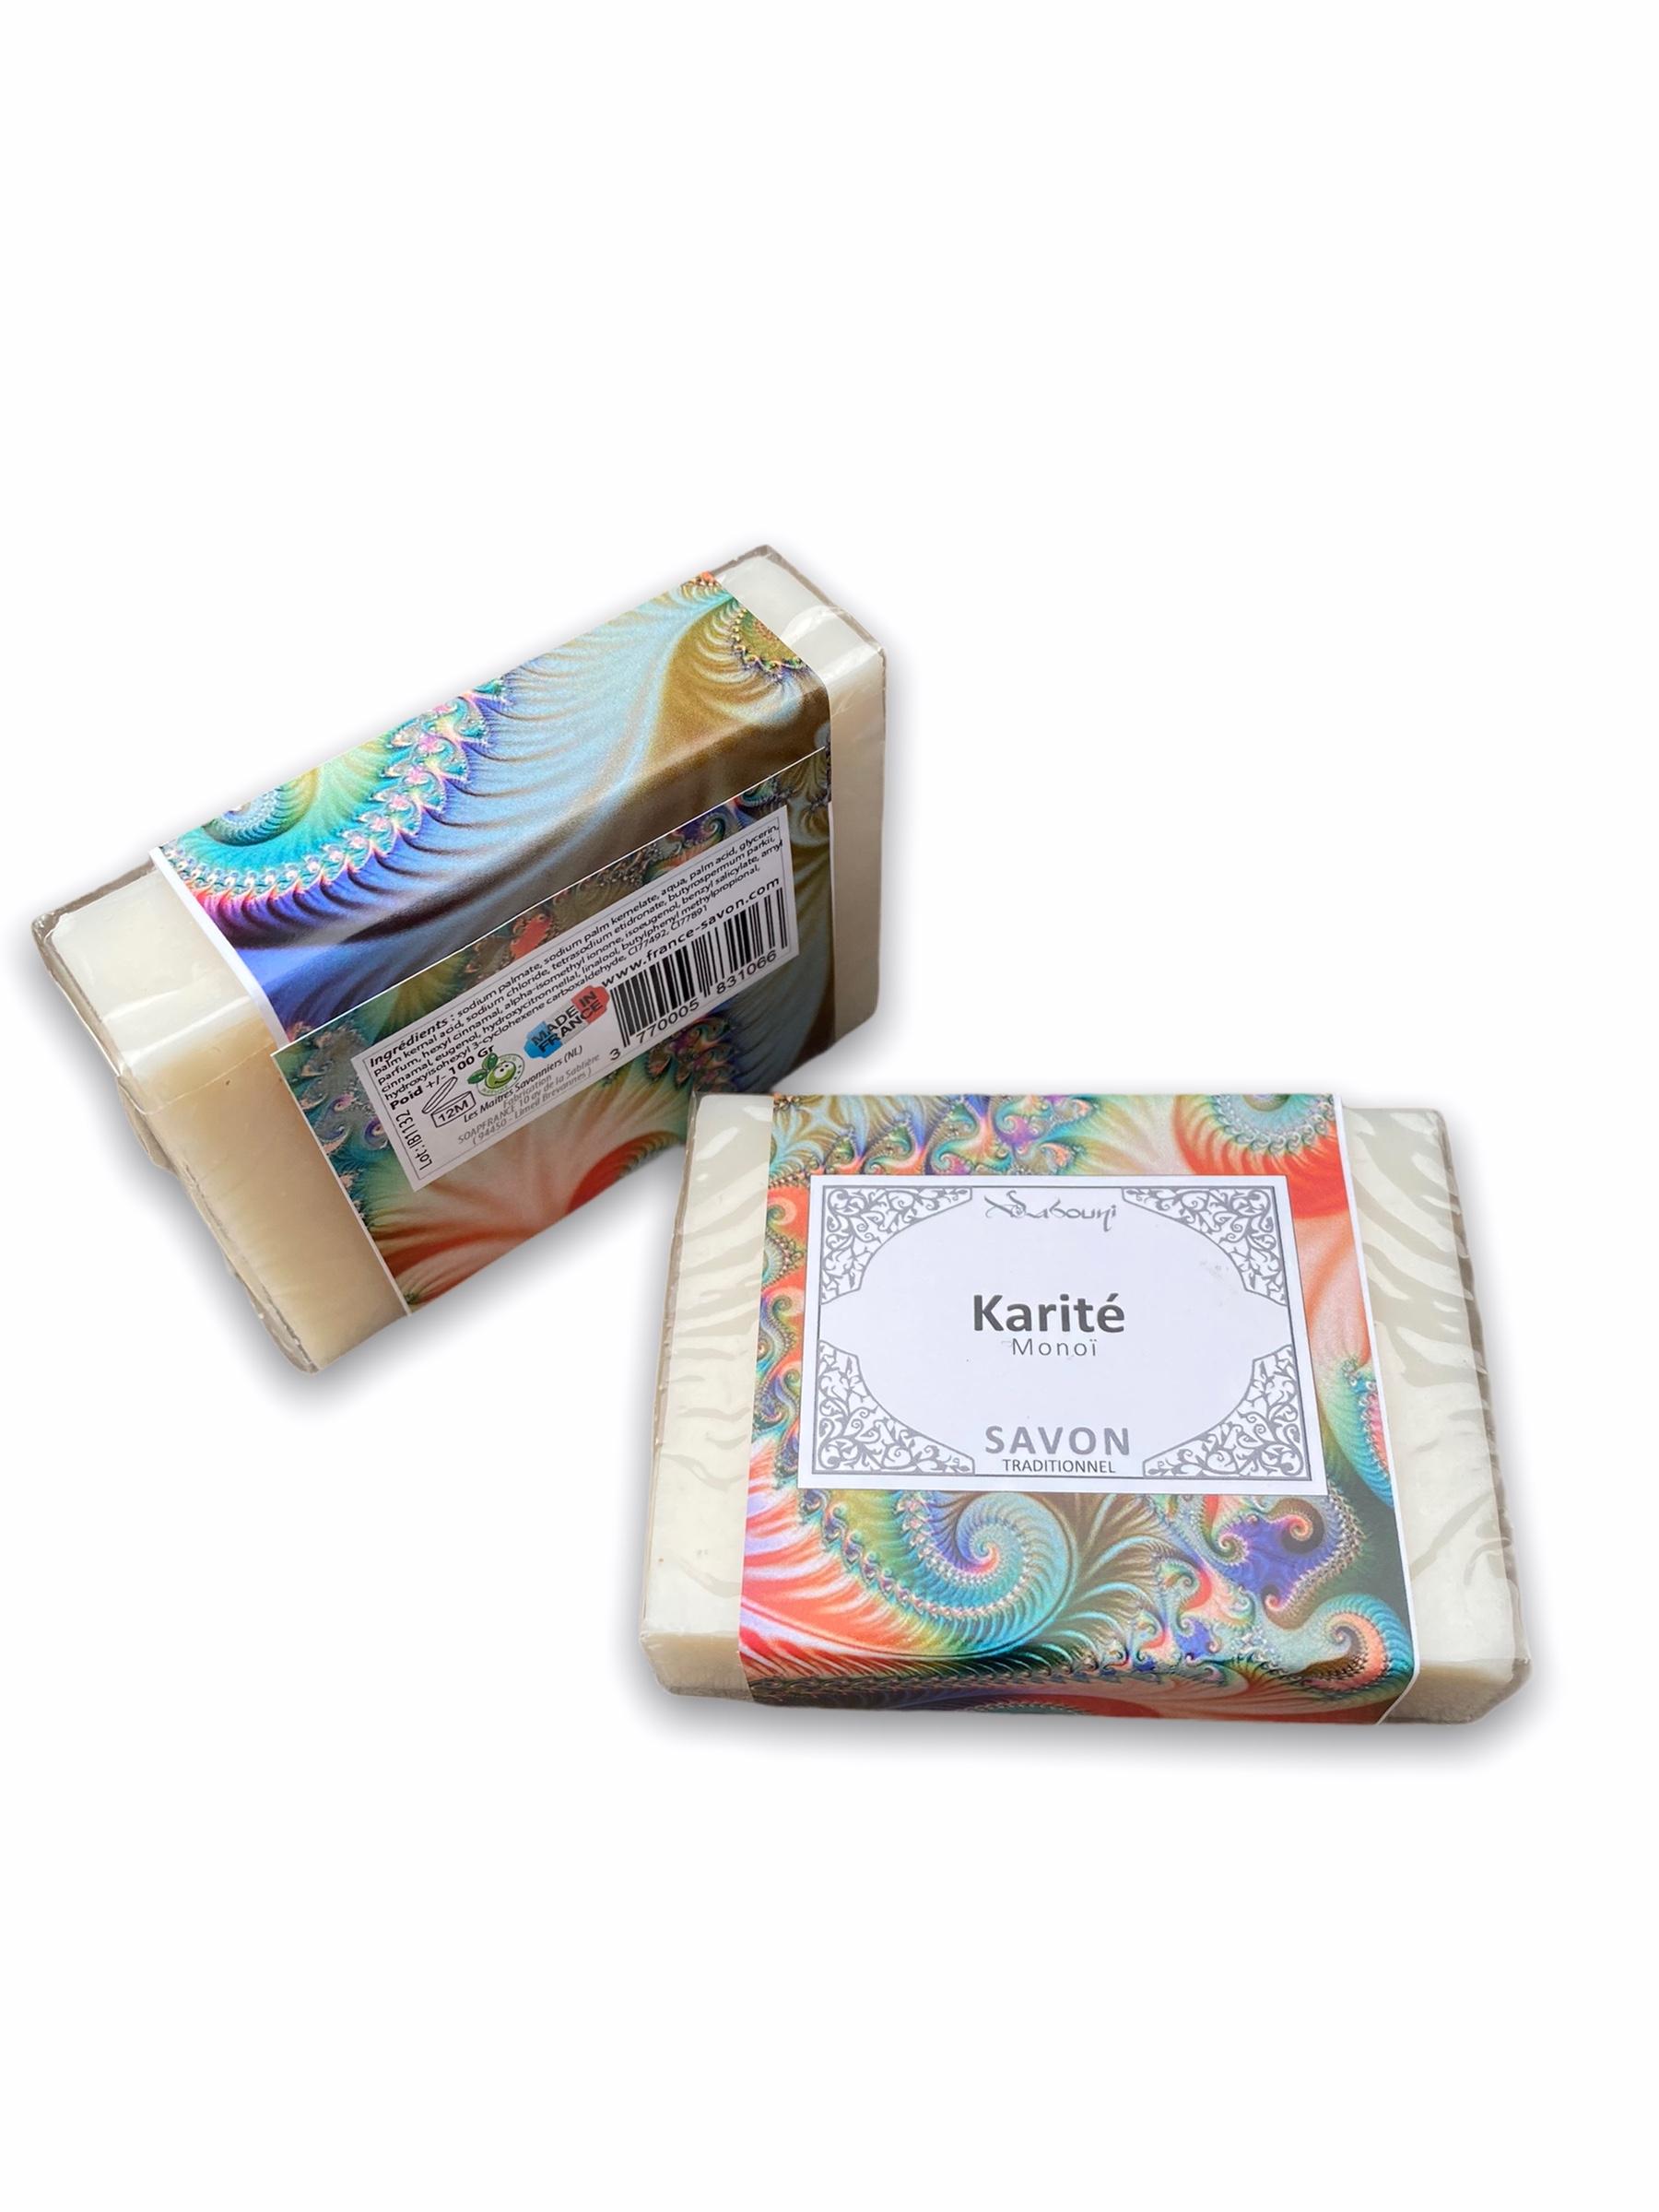 Savon Traditionnel Karité Monoï nettoie en douceur la peau. Son doux parfum monoï est léger et laisse un voile soyeux sur la peau